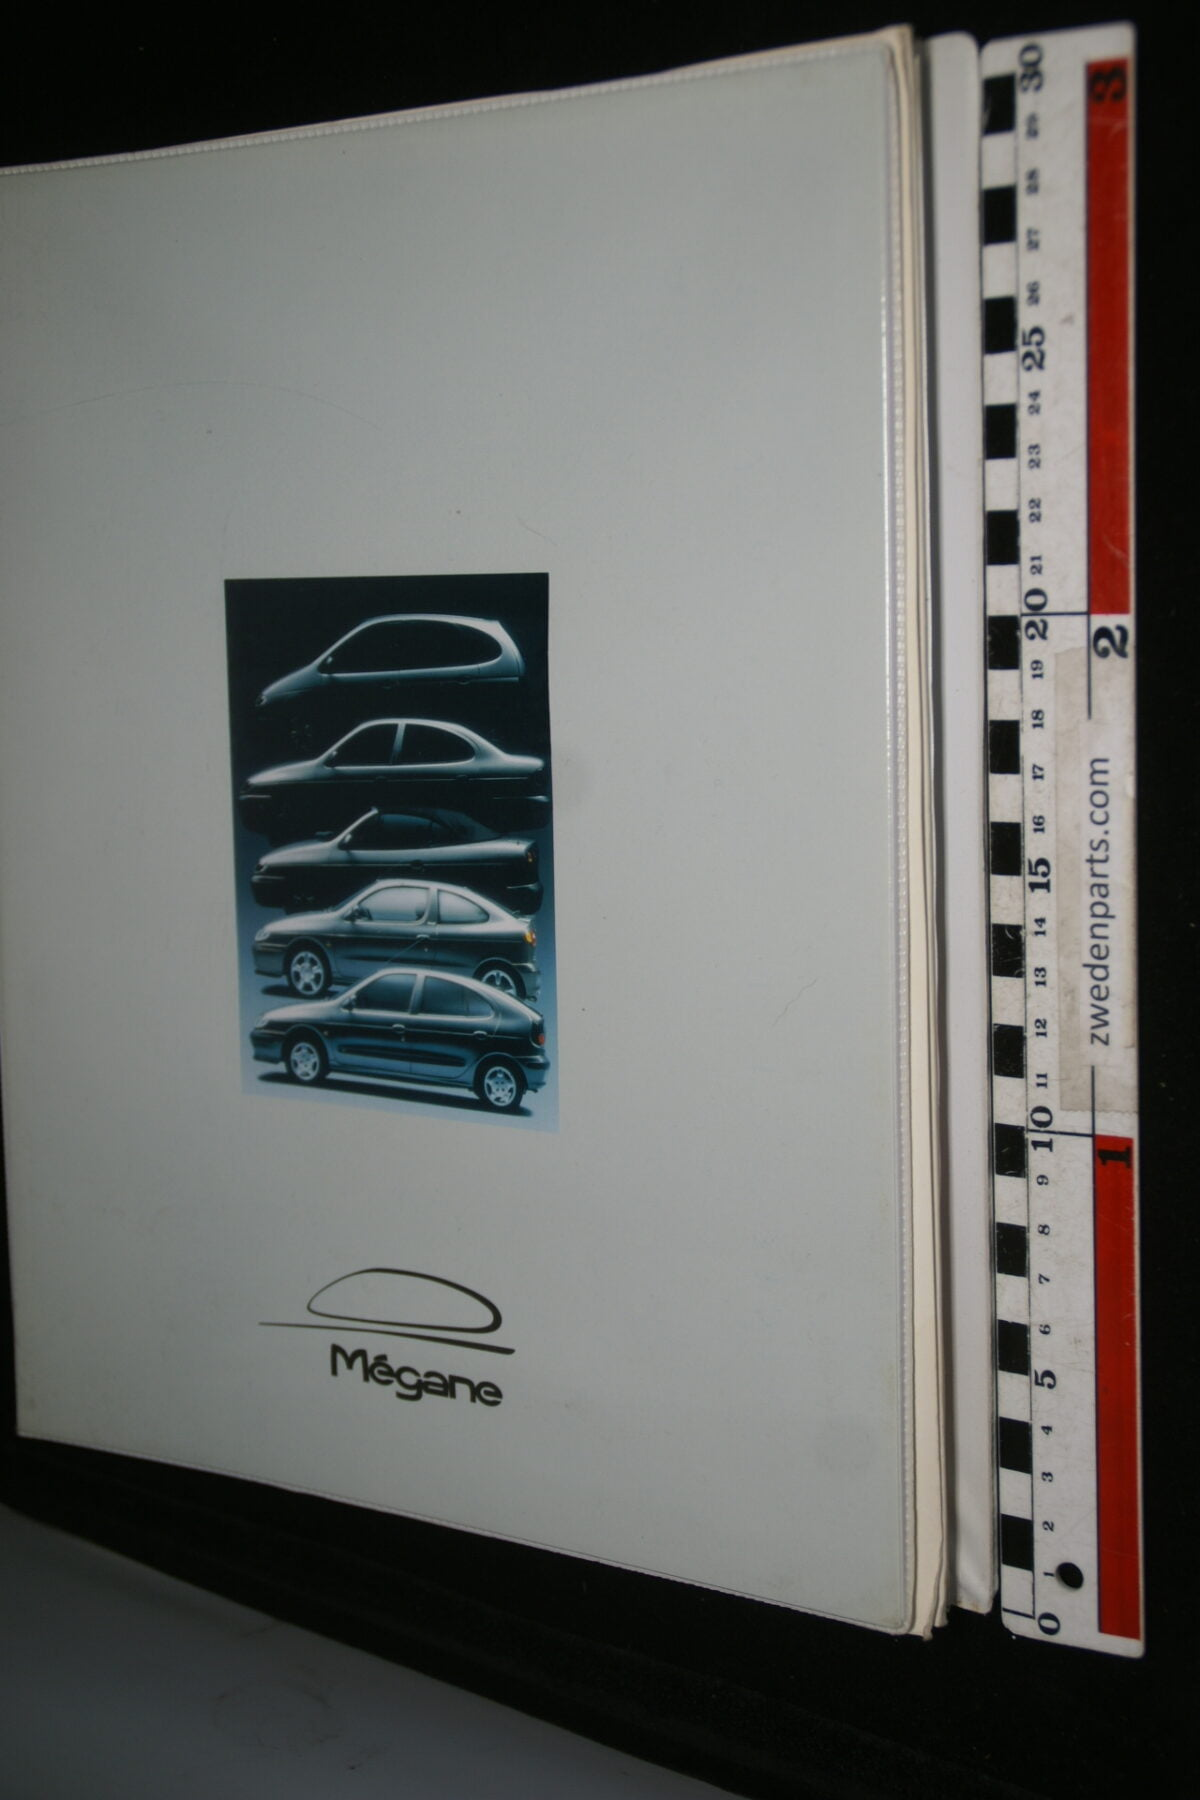 DSC09998 ca. 1994 originele persmap Renault Megane-29c31aef